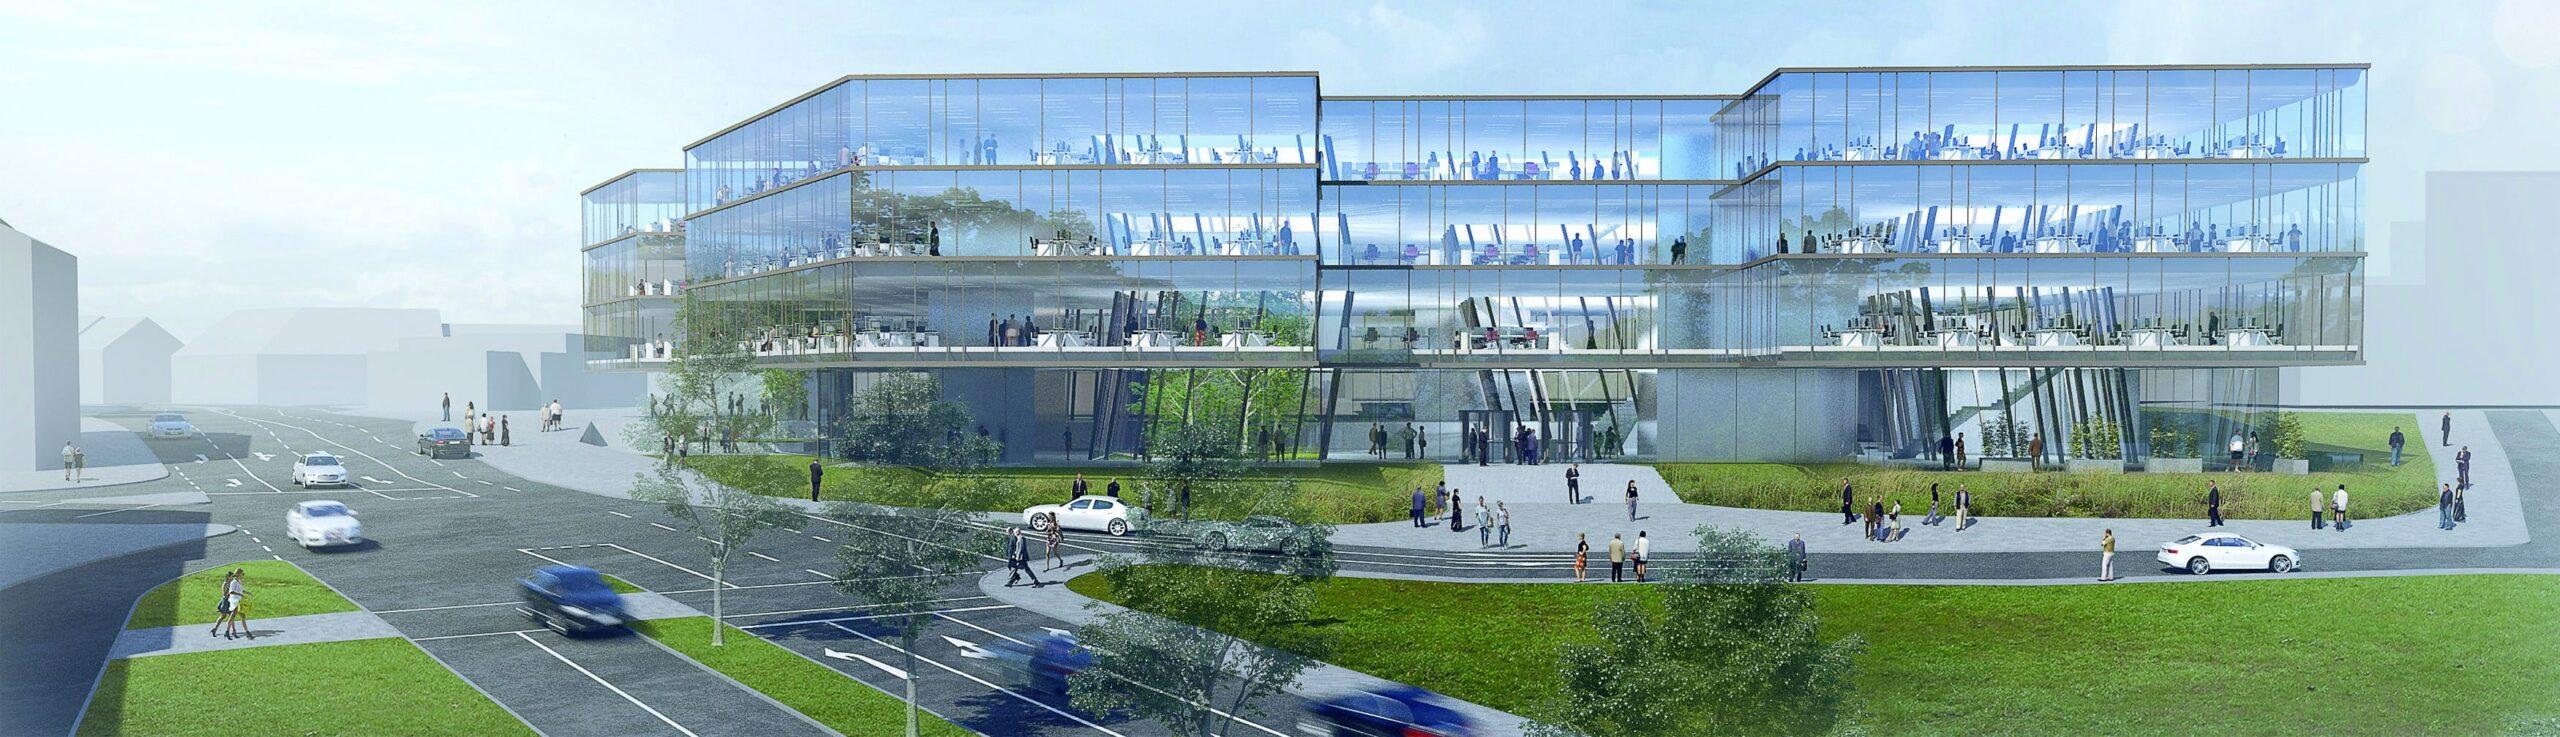 Neubau Wuppertaler Stadtwerke, Deutschland